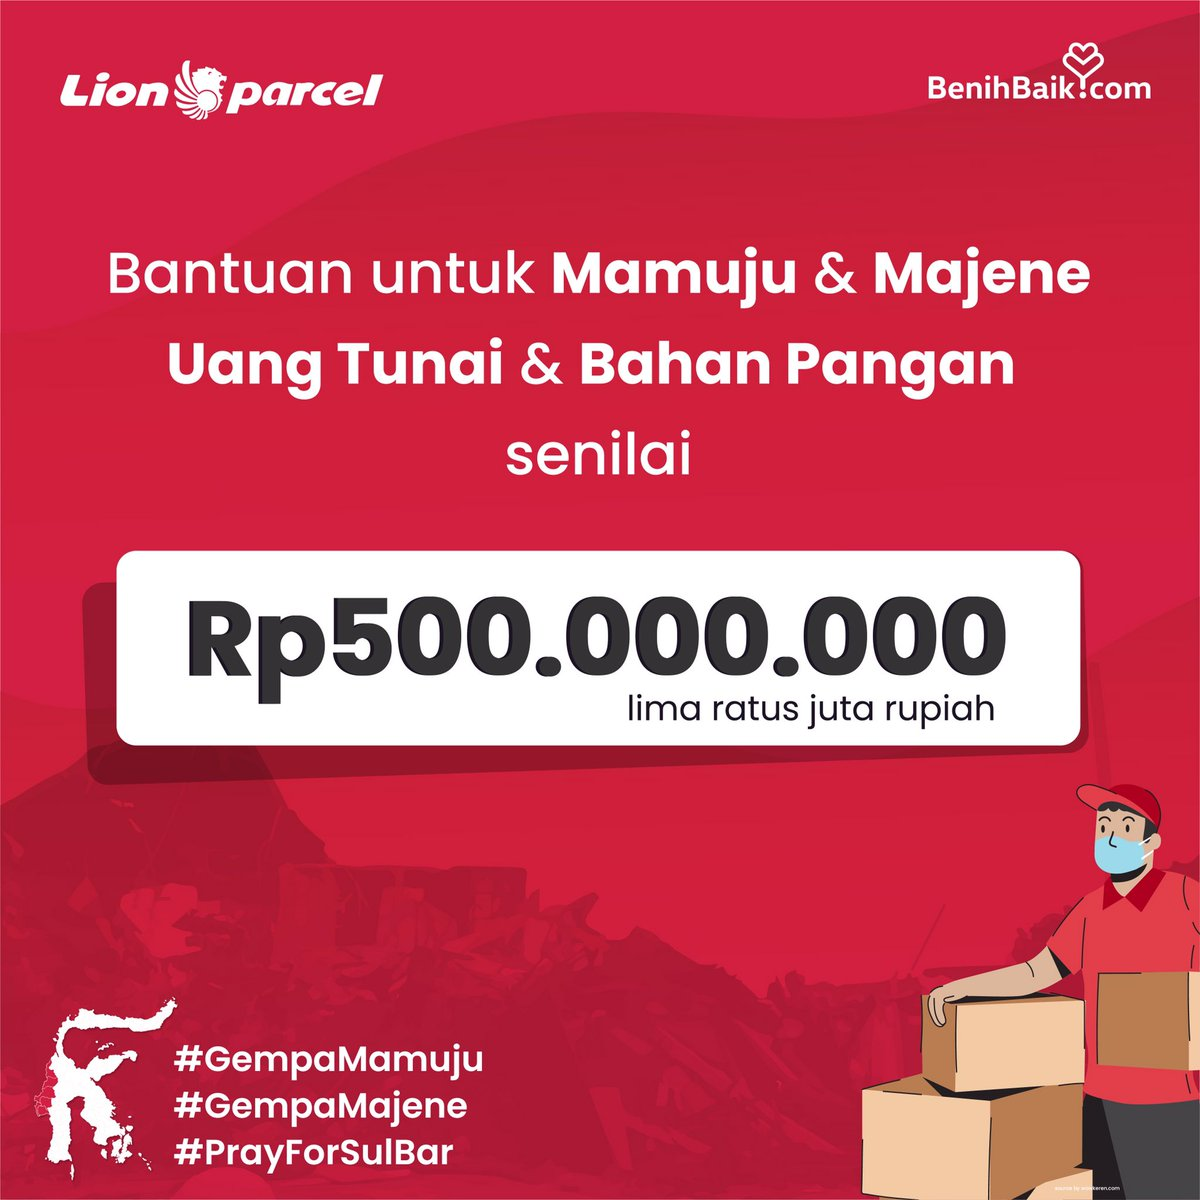 Lion Parcel Peduli Untuk Mamuju & Majene  Lion Parcel bekerja sama dengan BenihBaik turut membantu saudara-saudara kita yang terkena dampak musibah bencana gempa di Mamuju & Majene dengan menyalurkan bantuan berupa bahan pangan dan uang tunai dengan total senilai Rp 500 juta. https://t.co/I3T3DHJXIH